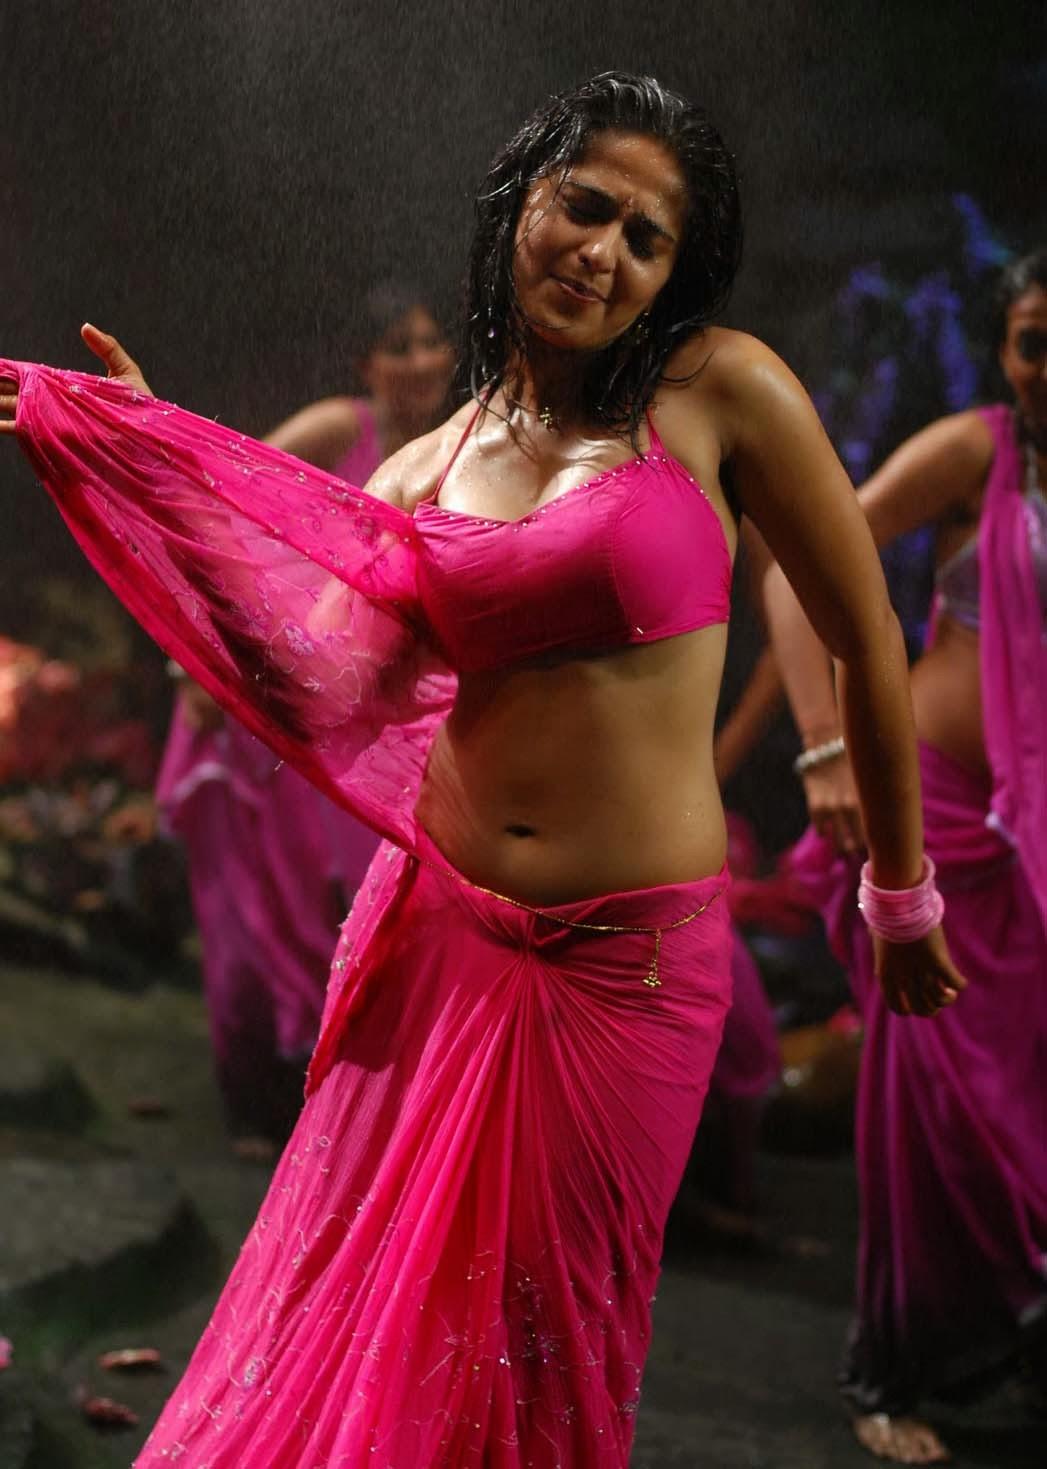 Hot Indian Actress Rare HQ Photos: Spicy Telugu Actress